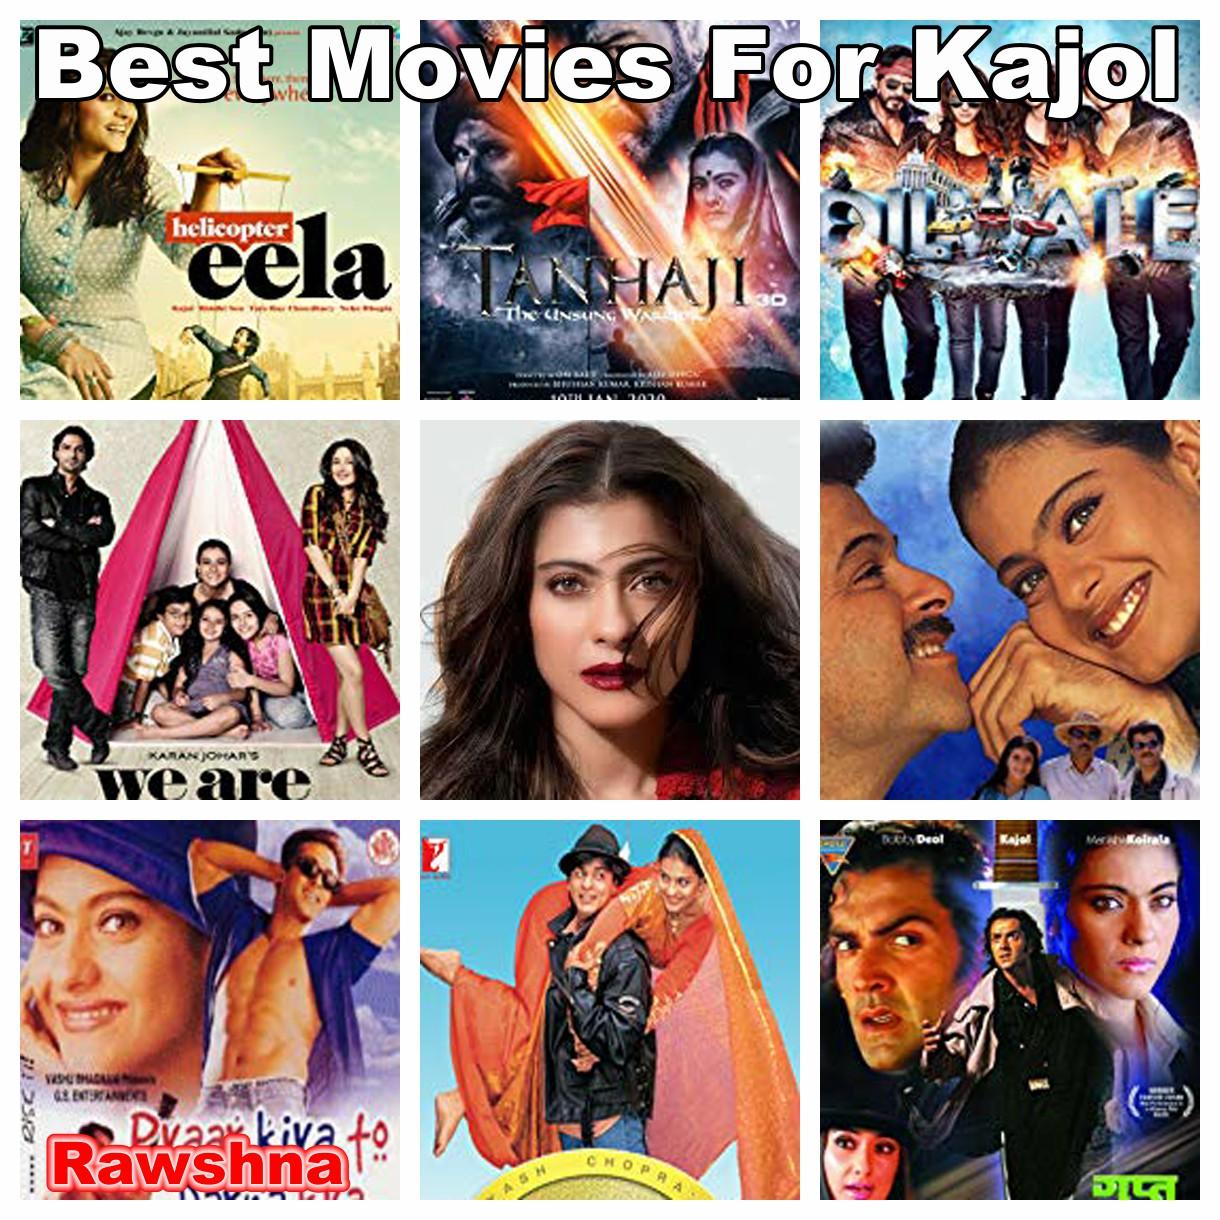 افضل افلام كاجول على الاطلاق